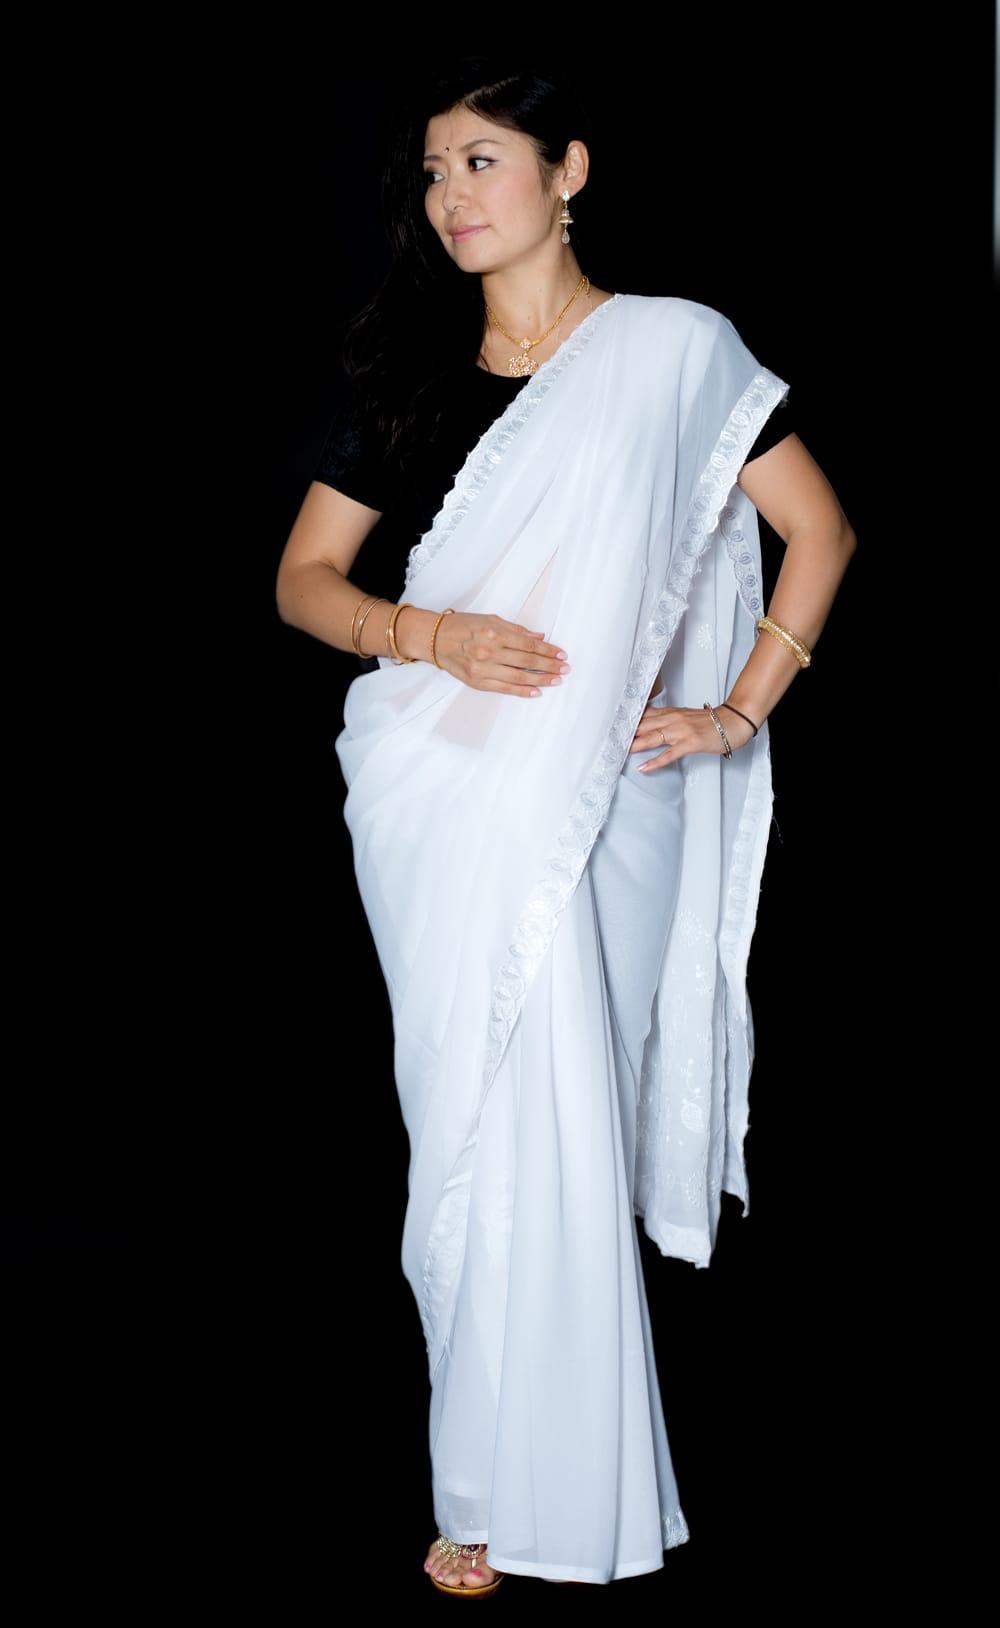 インドのホワイトサリー【更紗・伝統柄刺繍】の写真